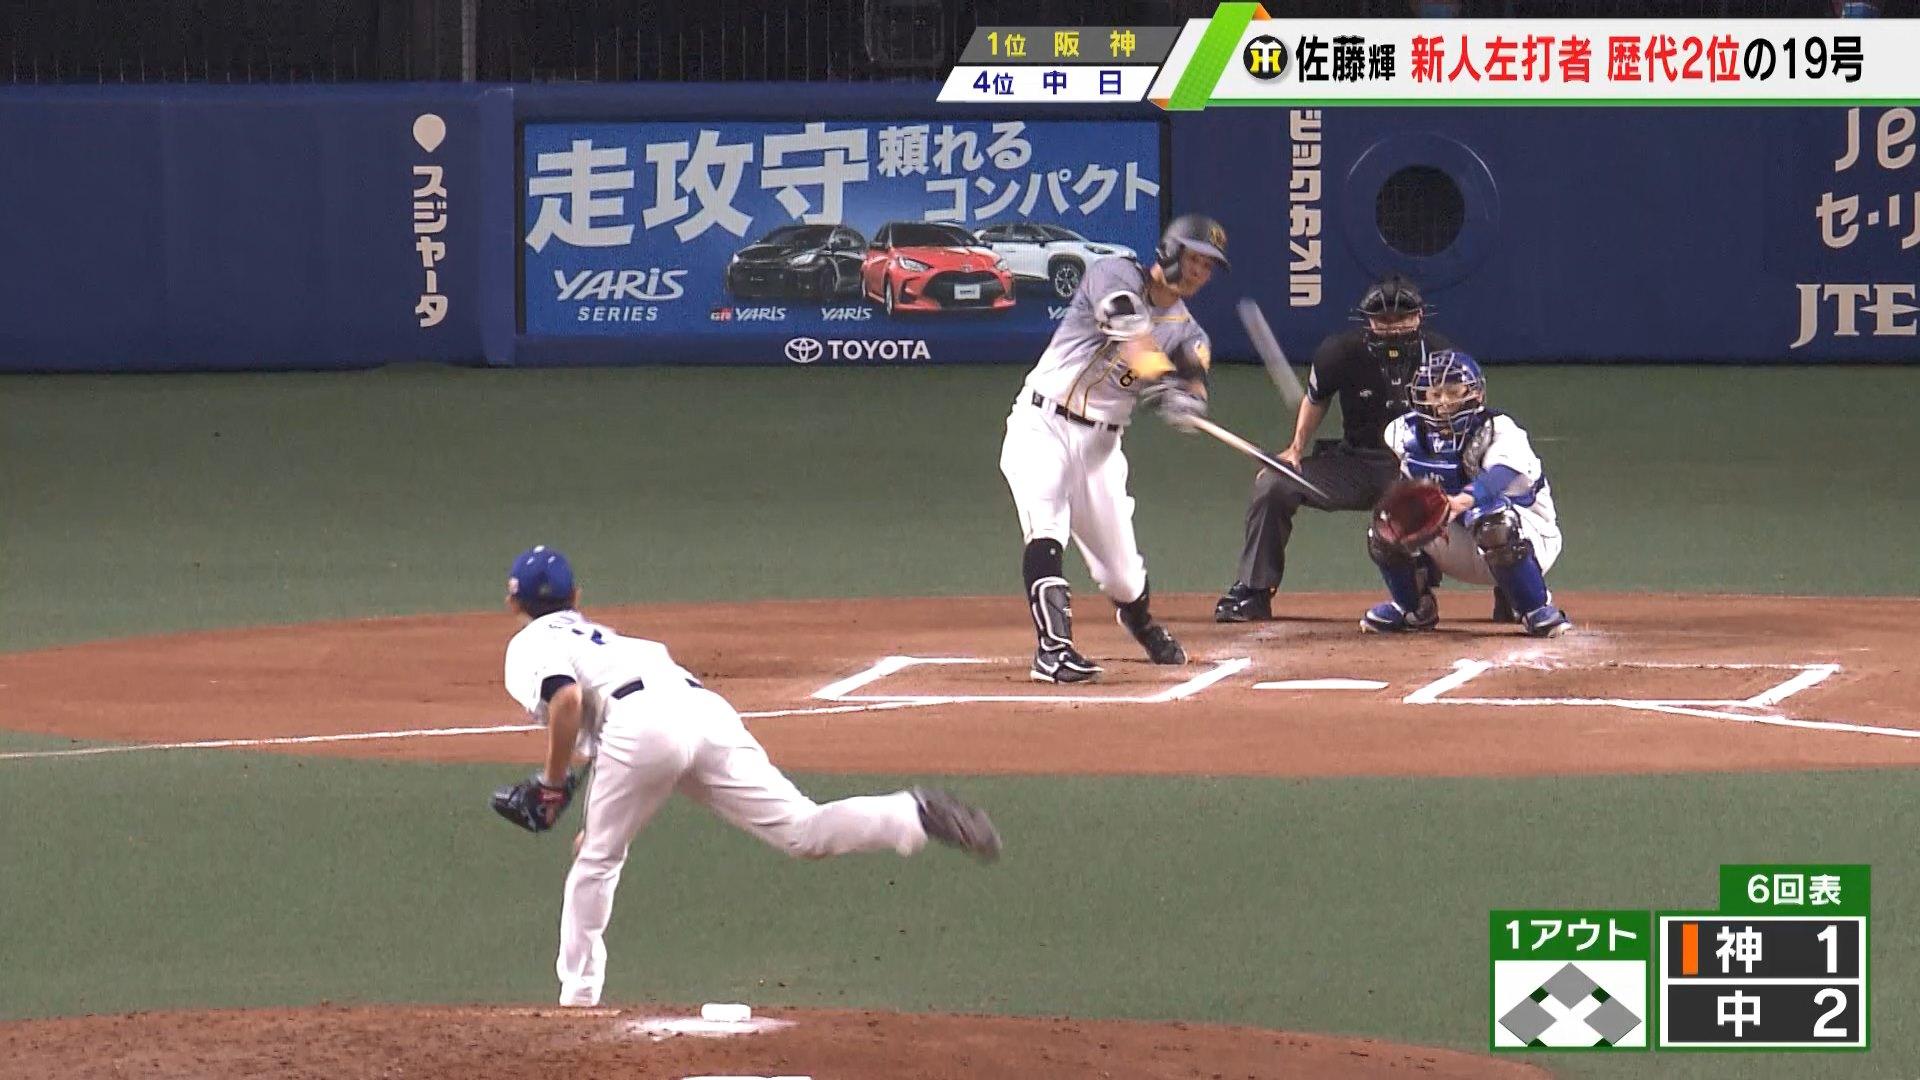 【阪神】佐藤輝明 新人左打者歴代2位の19号<中日 対 阪神>